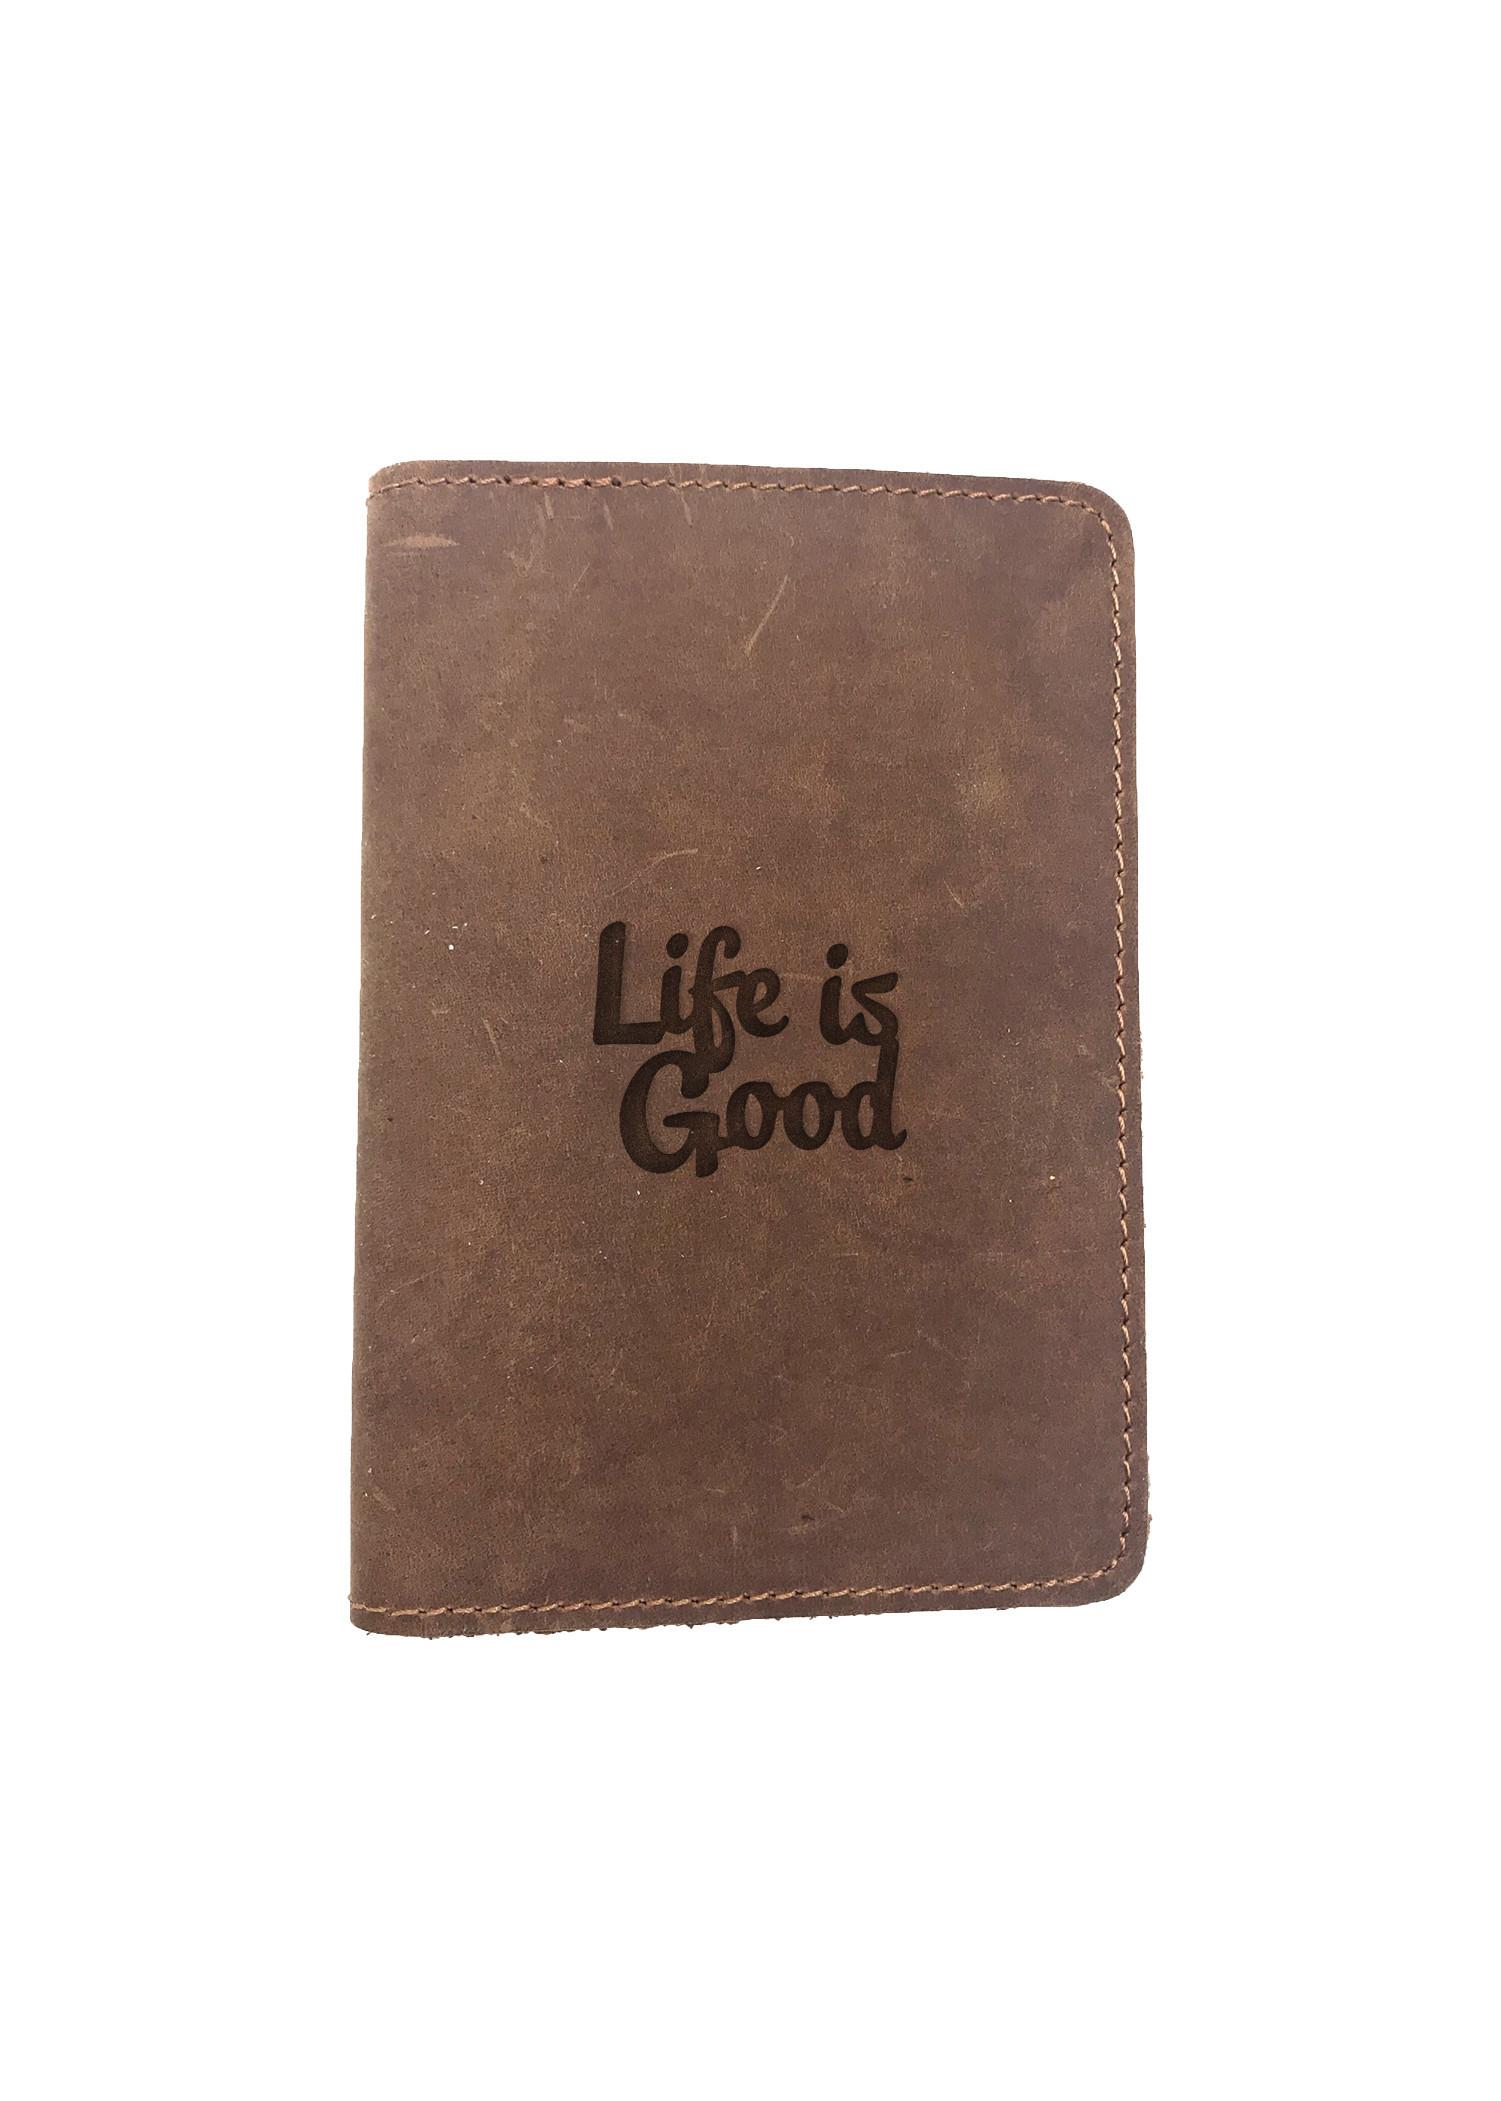 Passport Cover Bao Da Hộ Chiếu Da Sáp Khắc Hình Chữ LIFE IS GOOD INSPIRATION (BROWN) - 15700311 , 6168595344313 , 62_27859422 , 450000 , Passport-Cover-Bao-Da-Ho-Chieu-Da-Sap-Khac-Hinh-Chu-LIFE-IS-GOOD-INSPIRATION-BROWN-62_27859422 , tiki.vn , Passport Cover Bao Da Hộ Chiếu Da Sáp Khắc Hình Chữ LIFE IS GOOD INSPIRATION (BROWN)